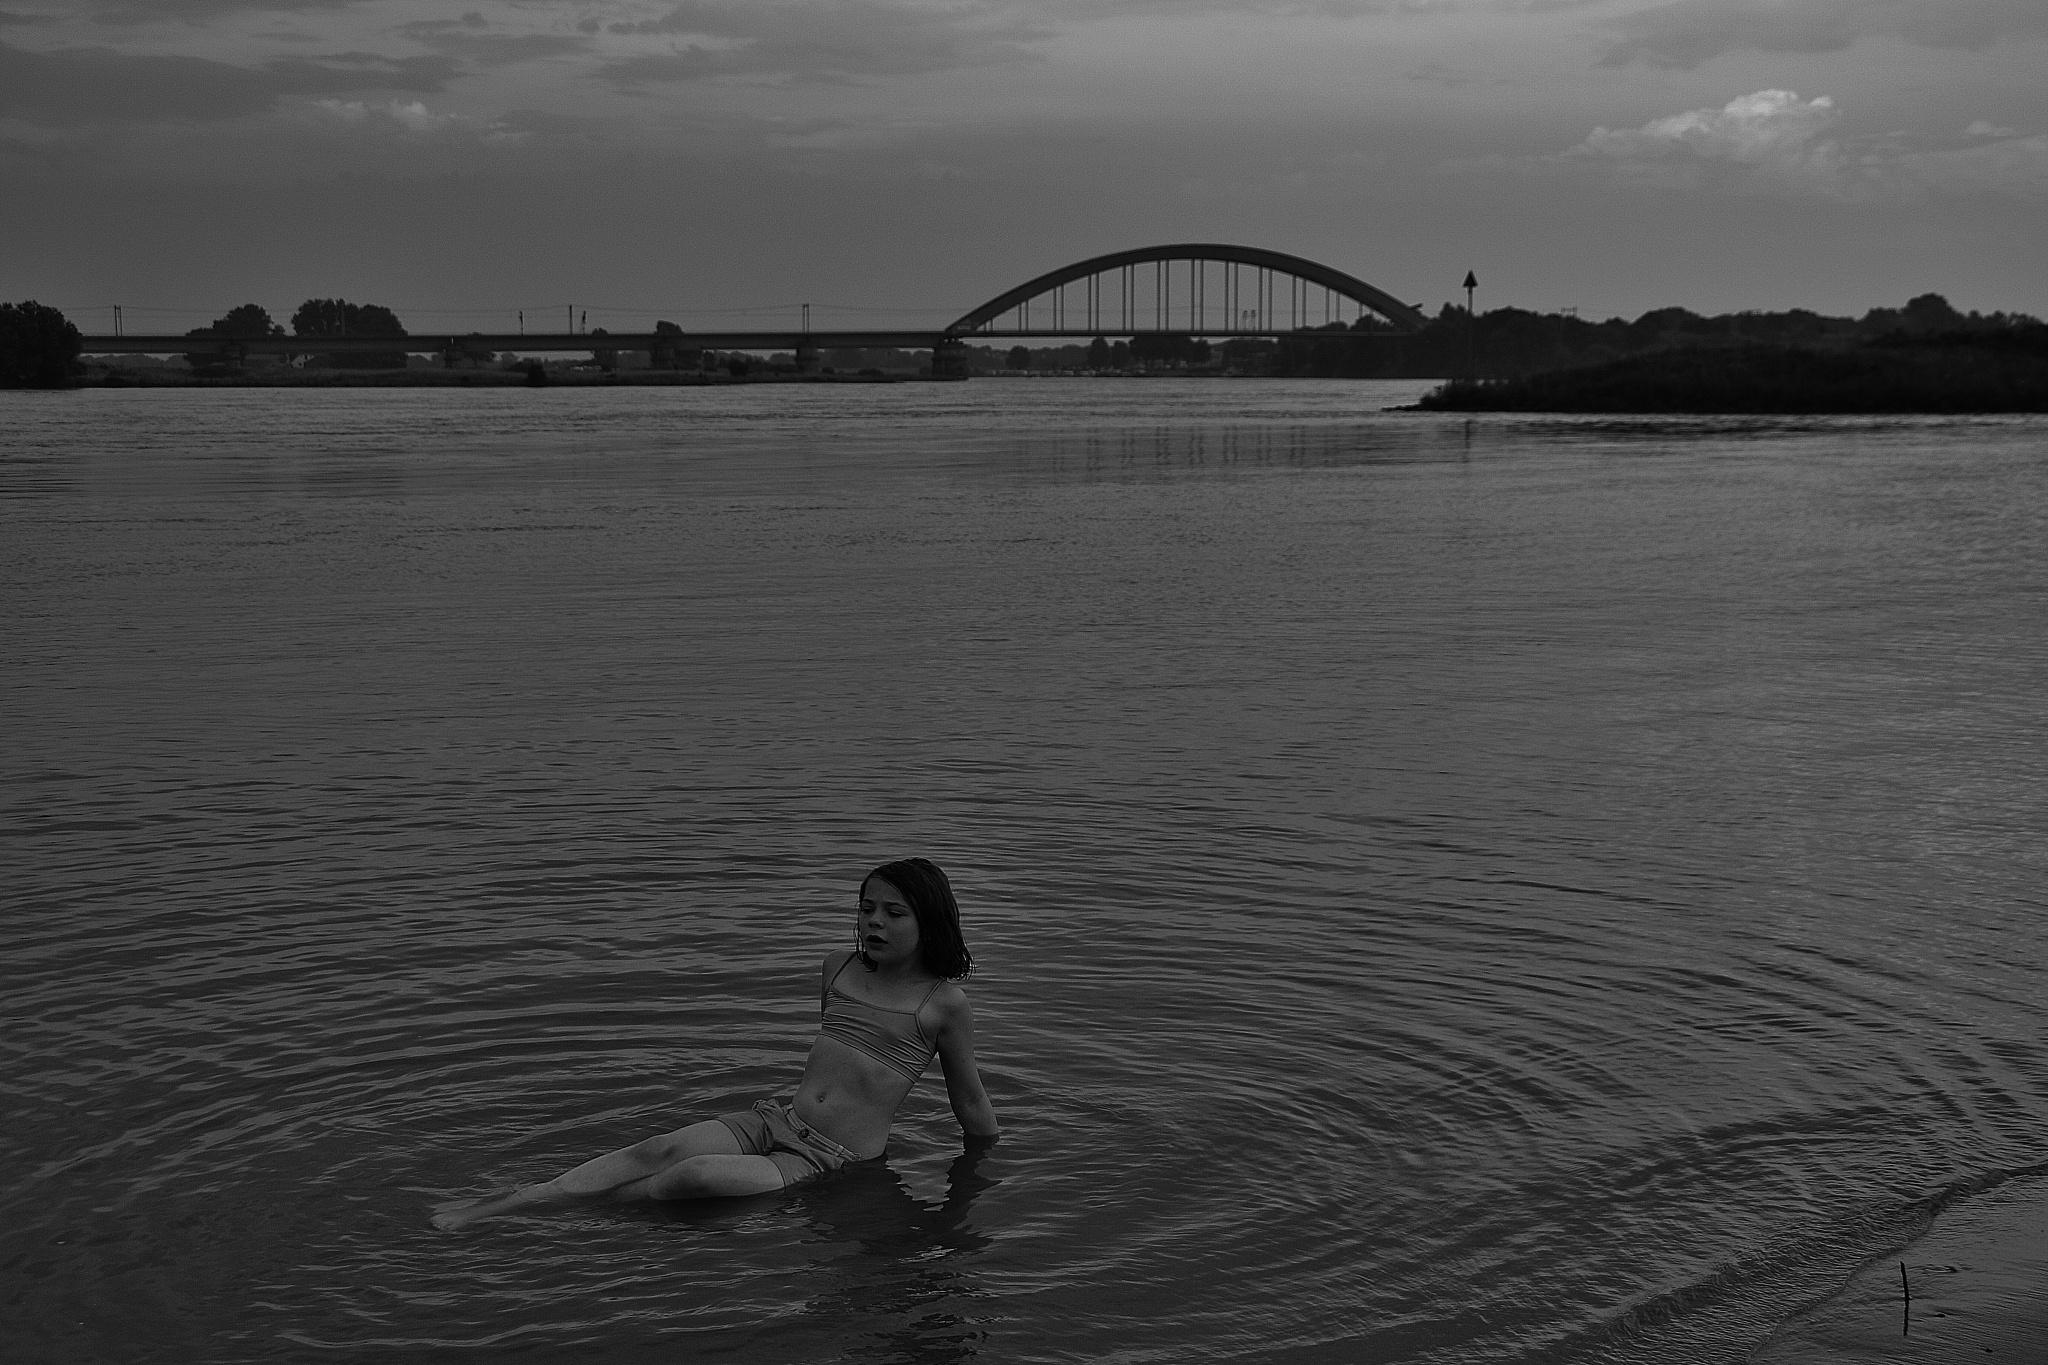 Se7en and the bridge. by Maria Michaéla José